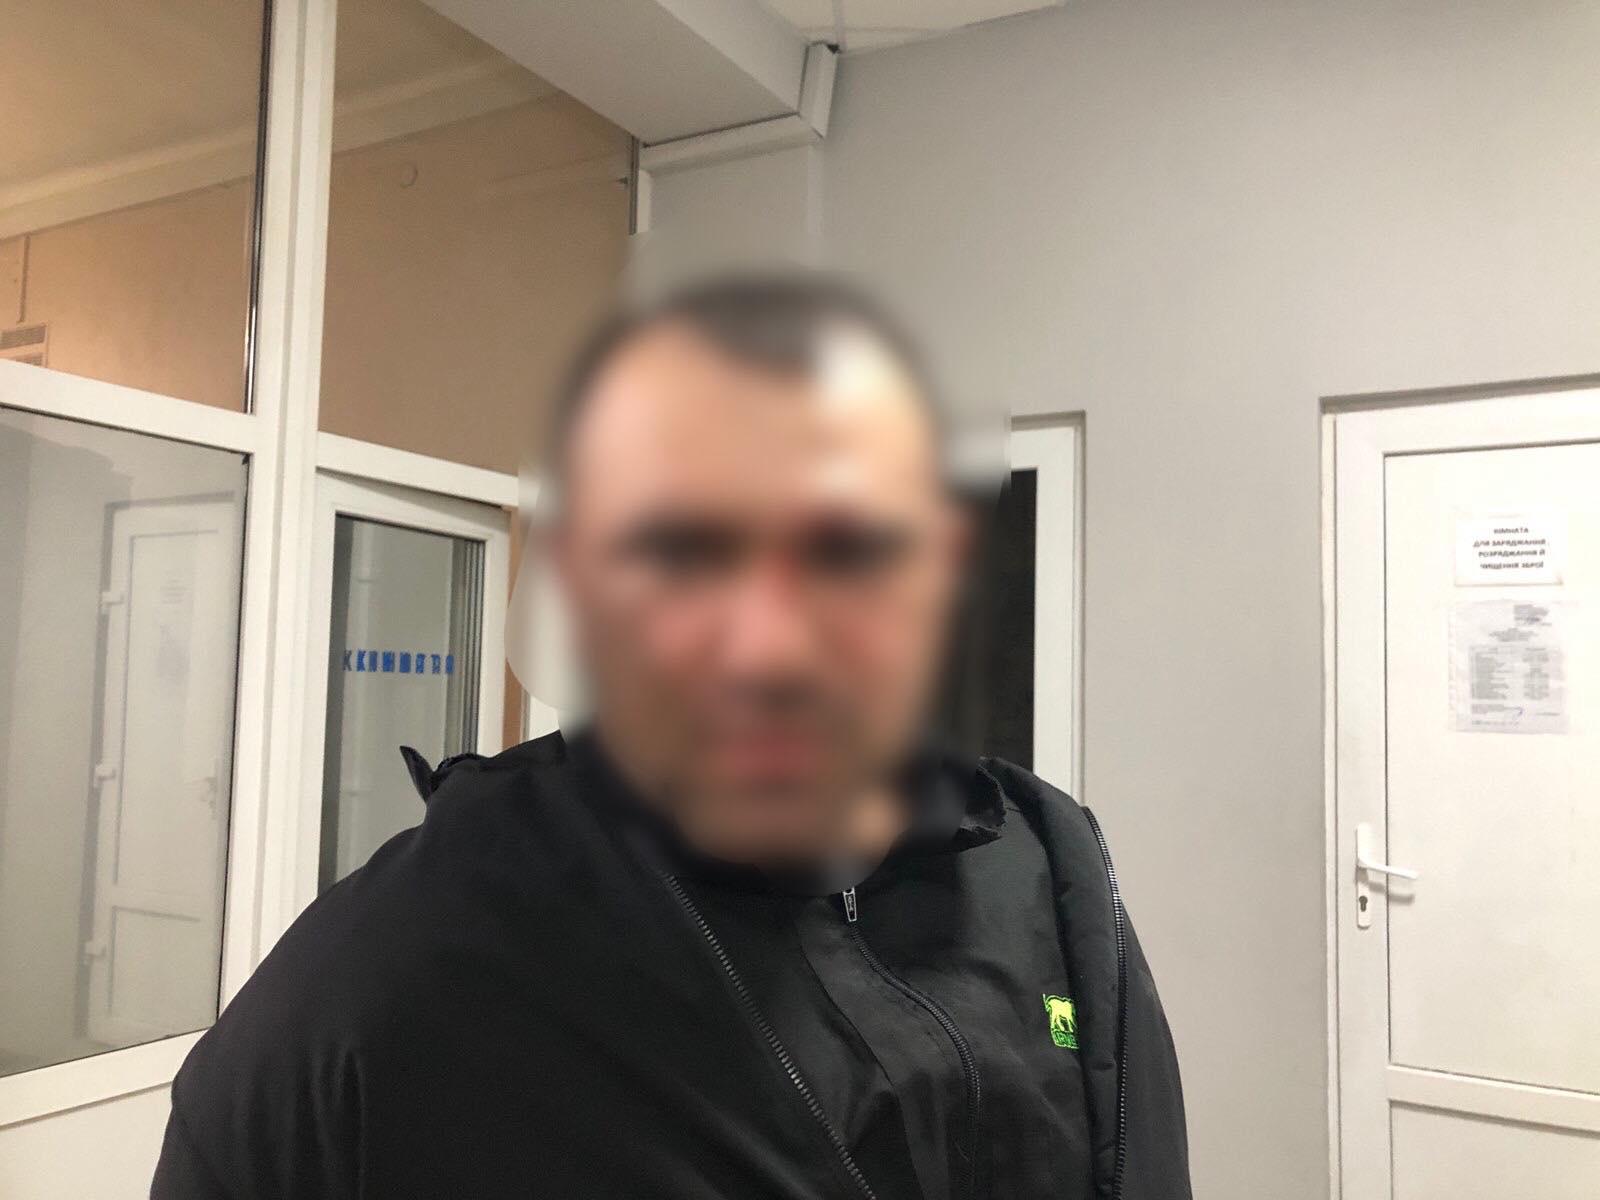 Затриманий виявився 31-річним жителем села Білки.